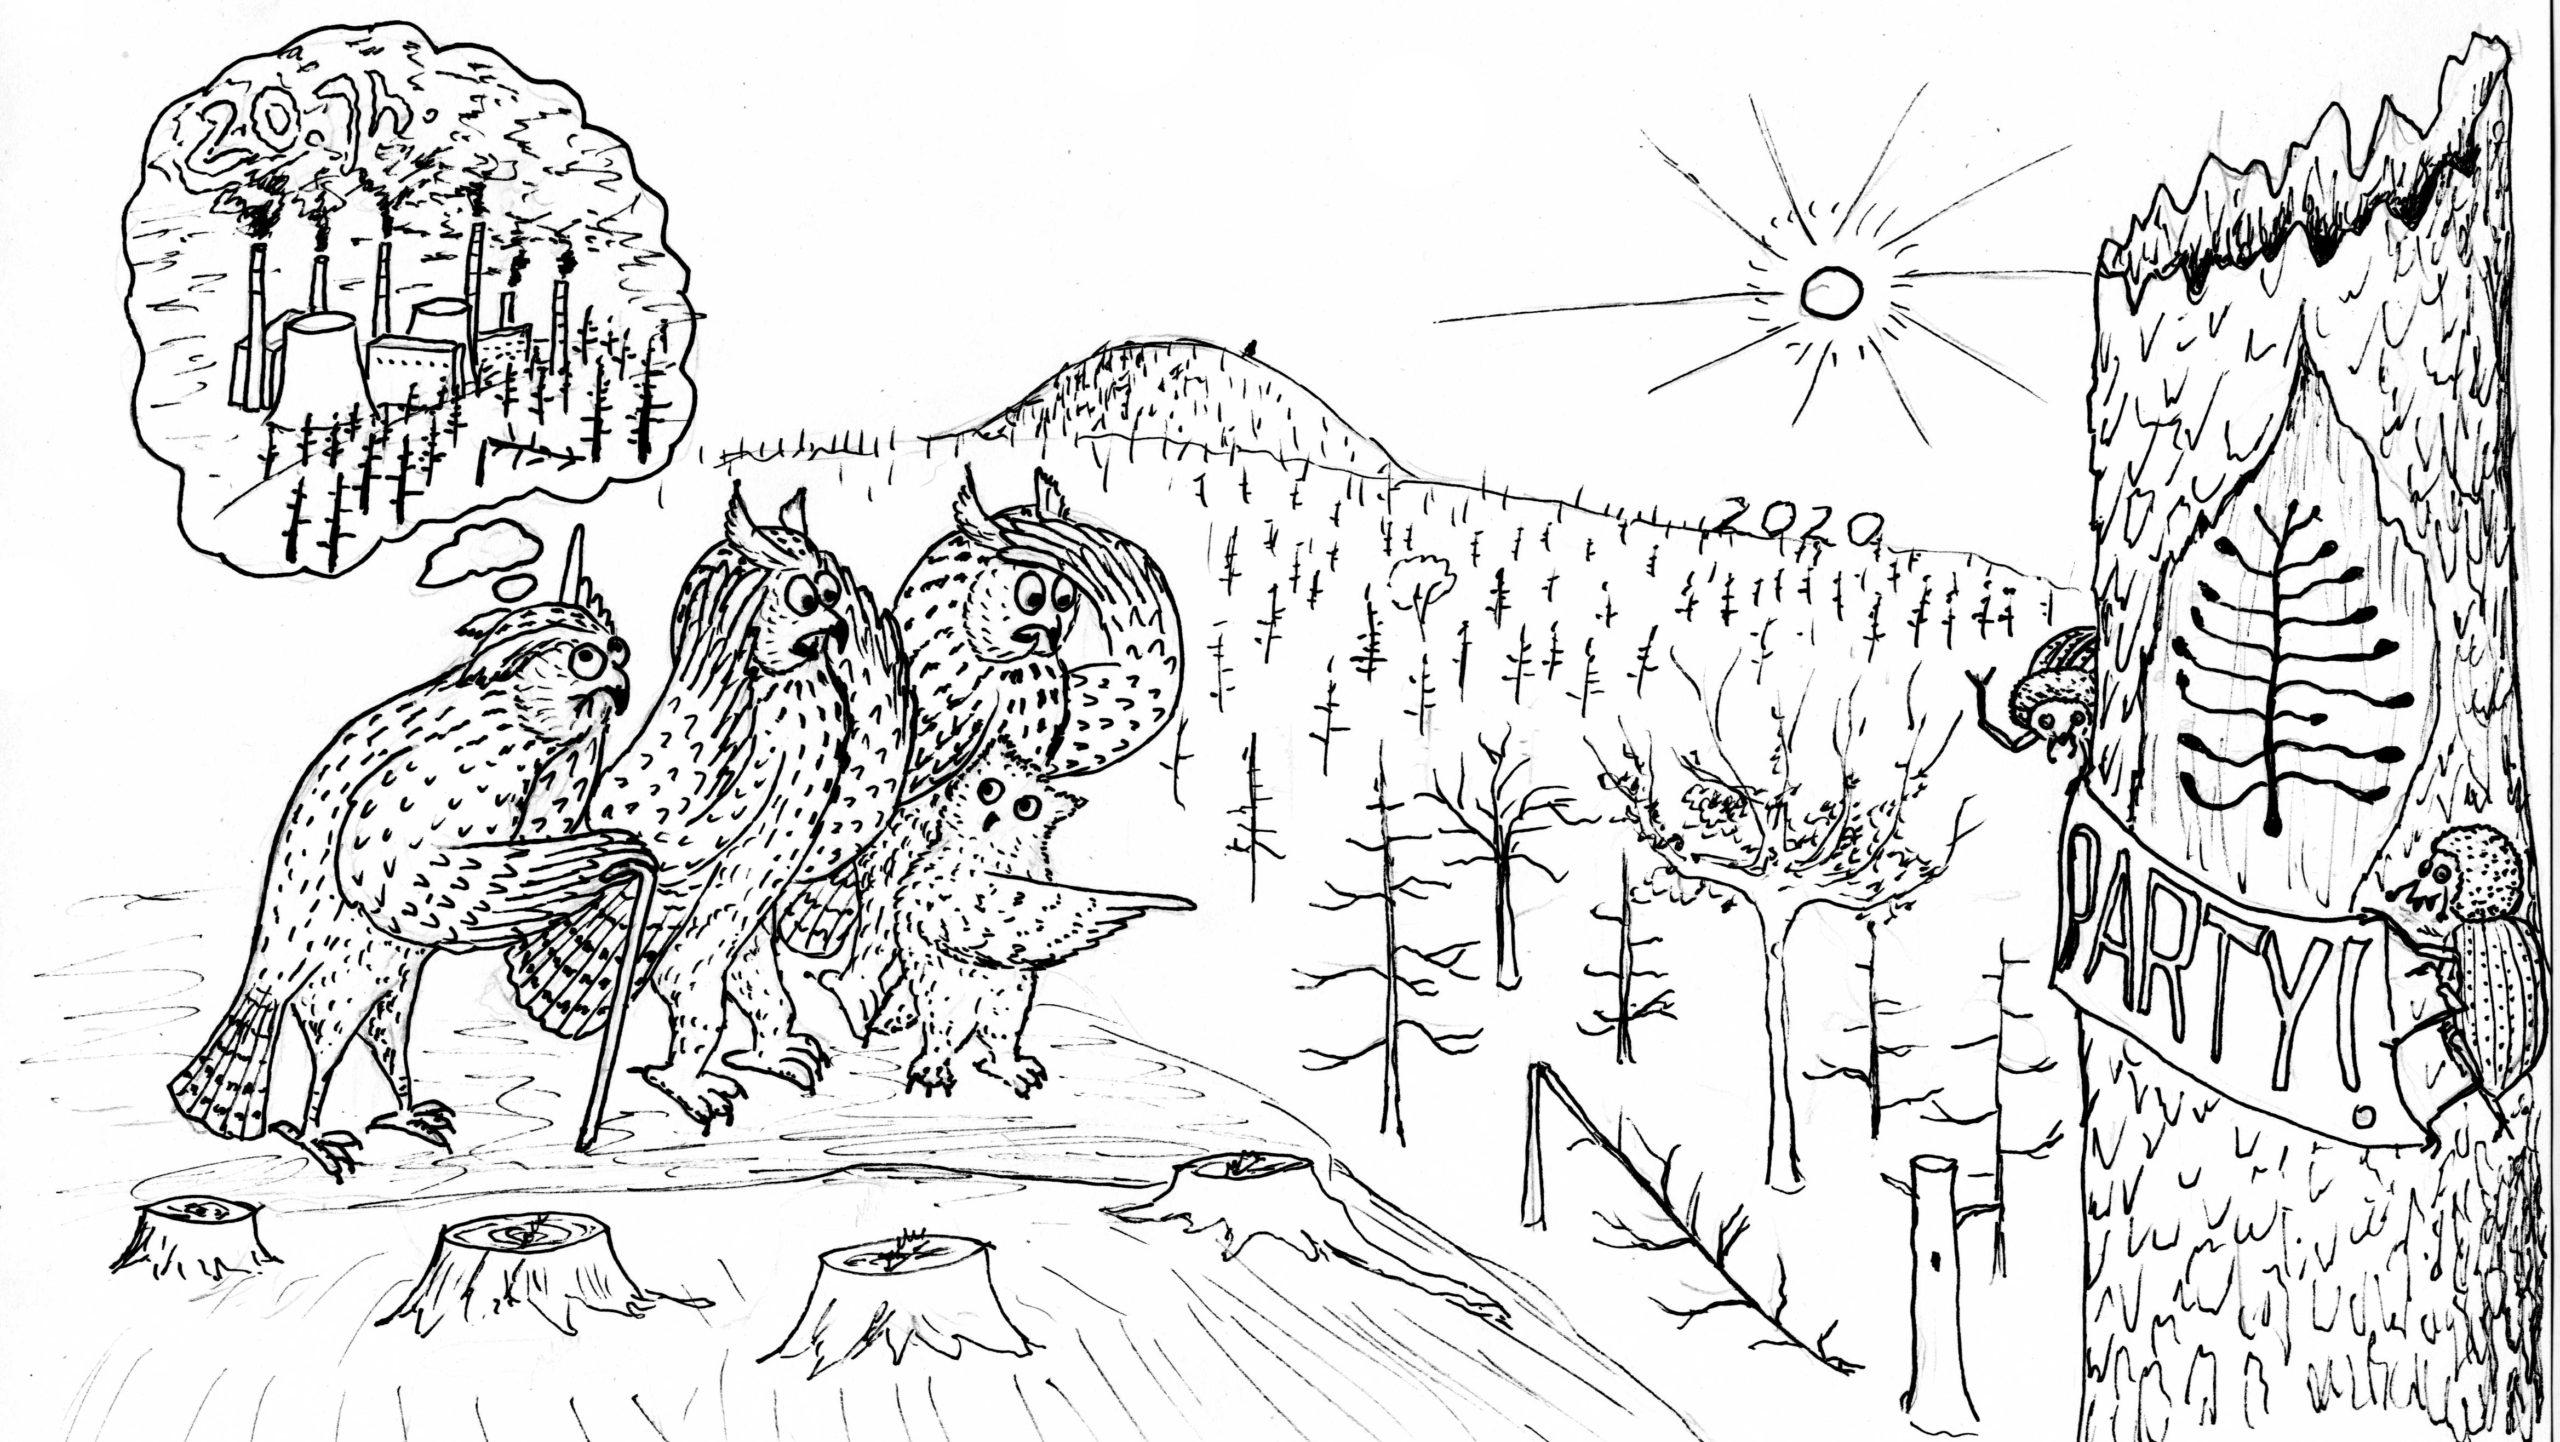 2020: Waldschäden Erzgebirge 2.0